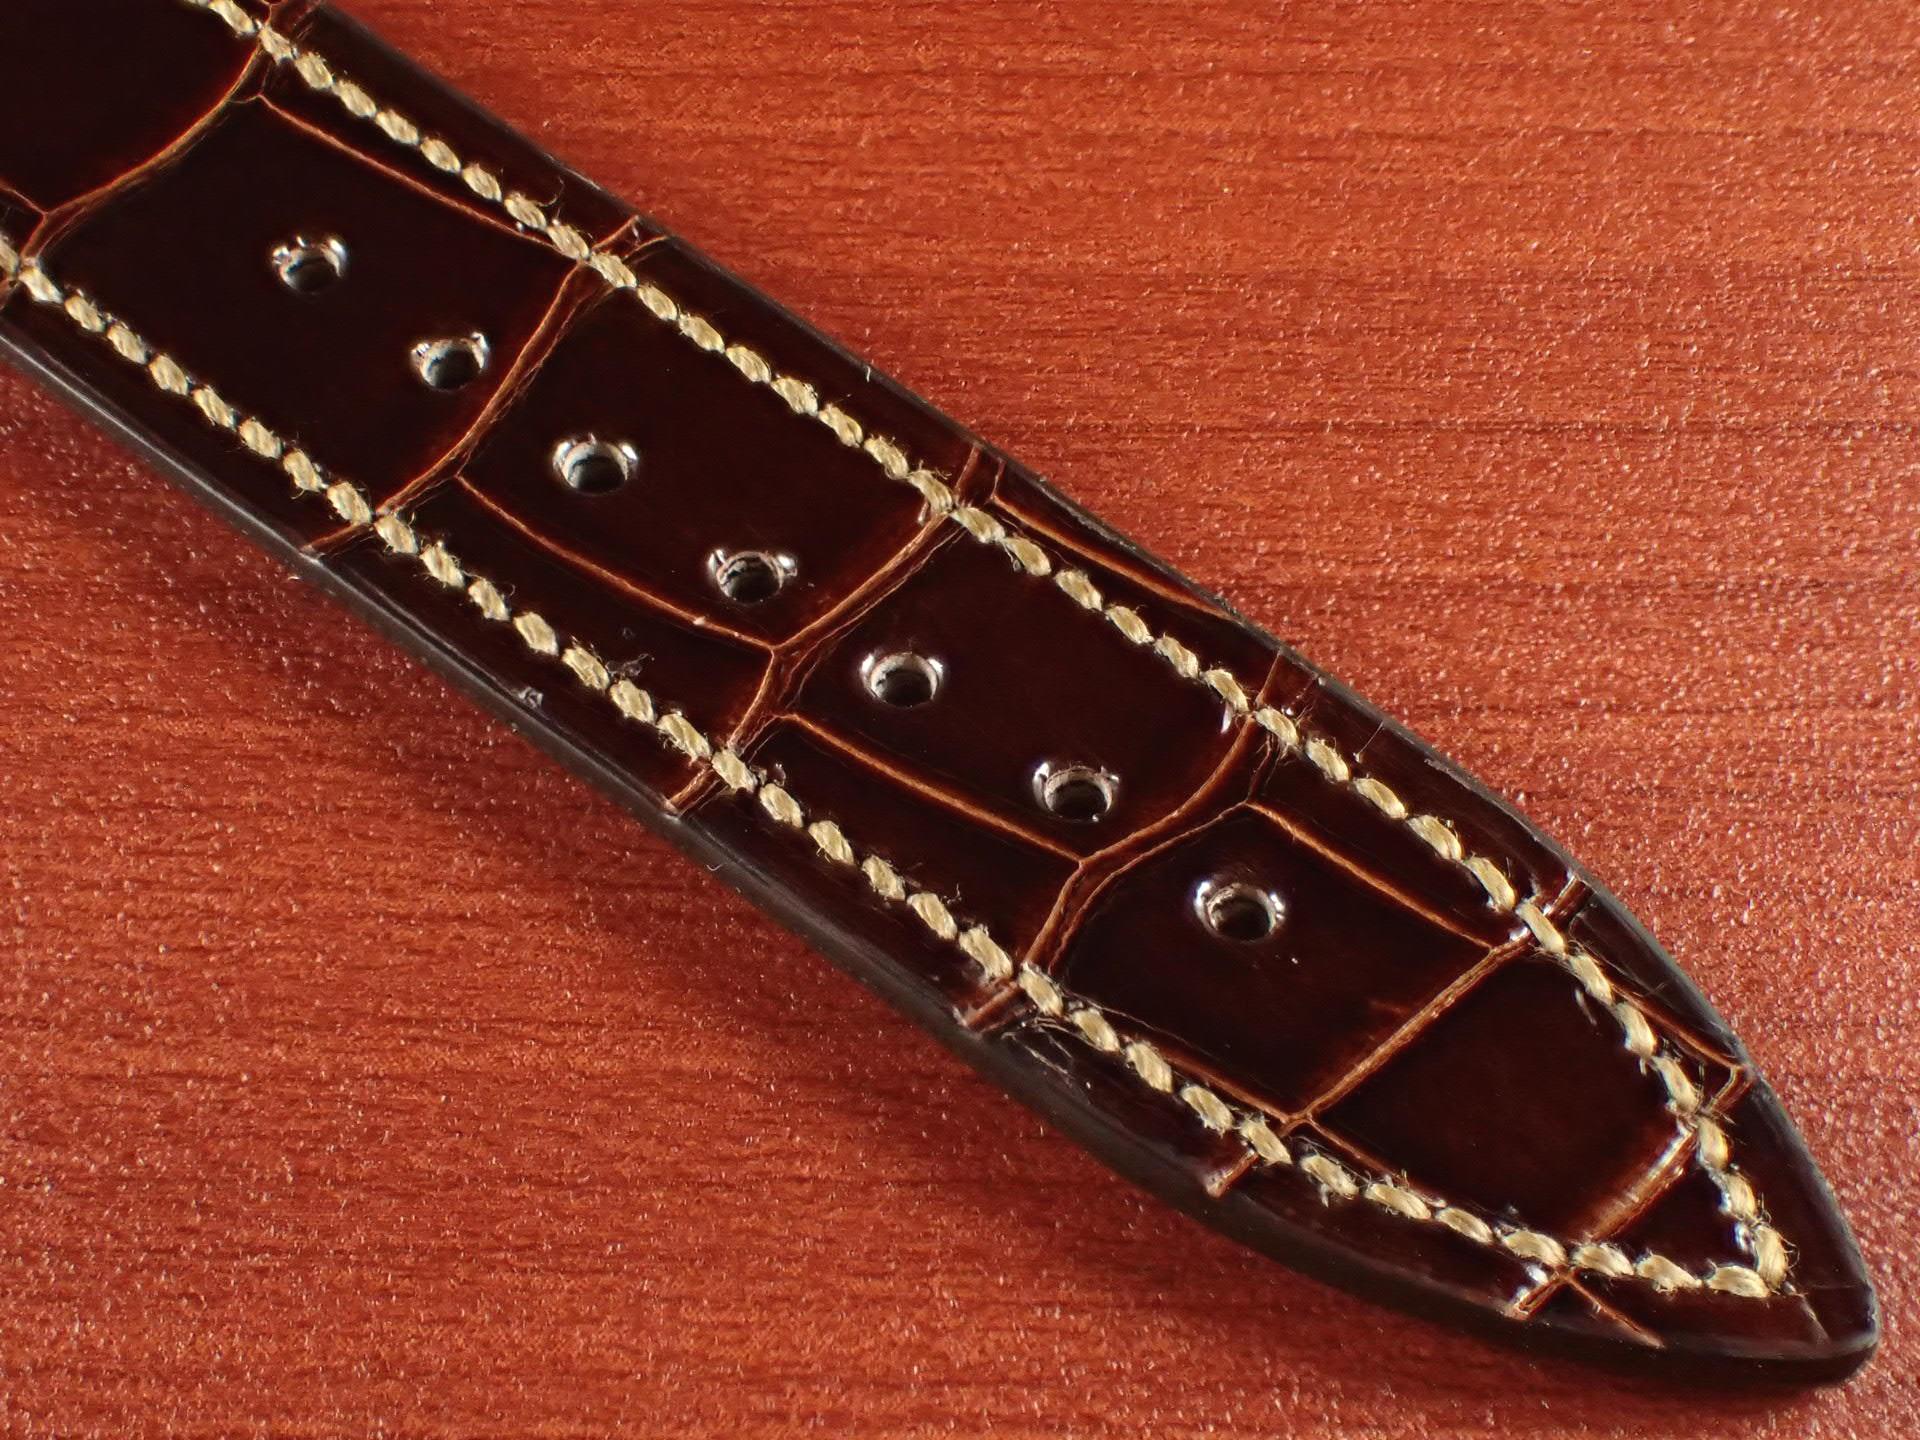 ジャン・クロード ペラン革ベルト クロコダイル タバコブラウン(シャイニー) 18mmの写真5枚目